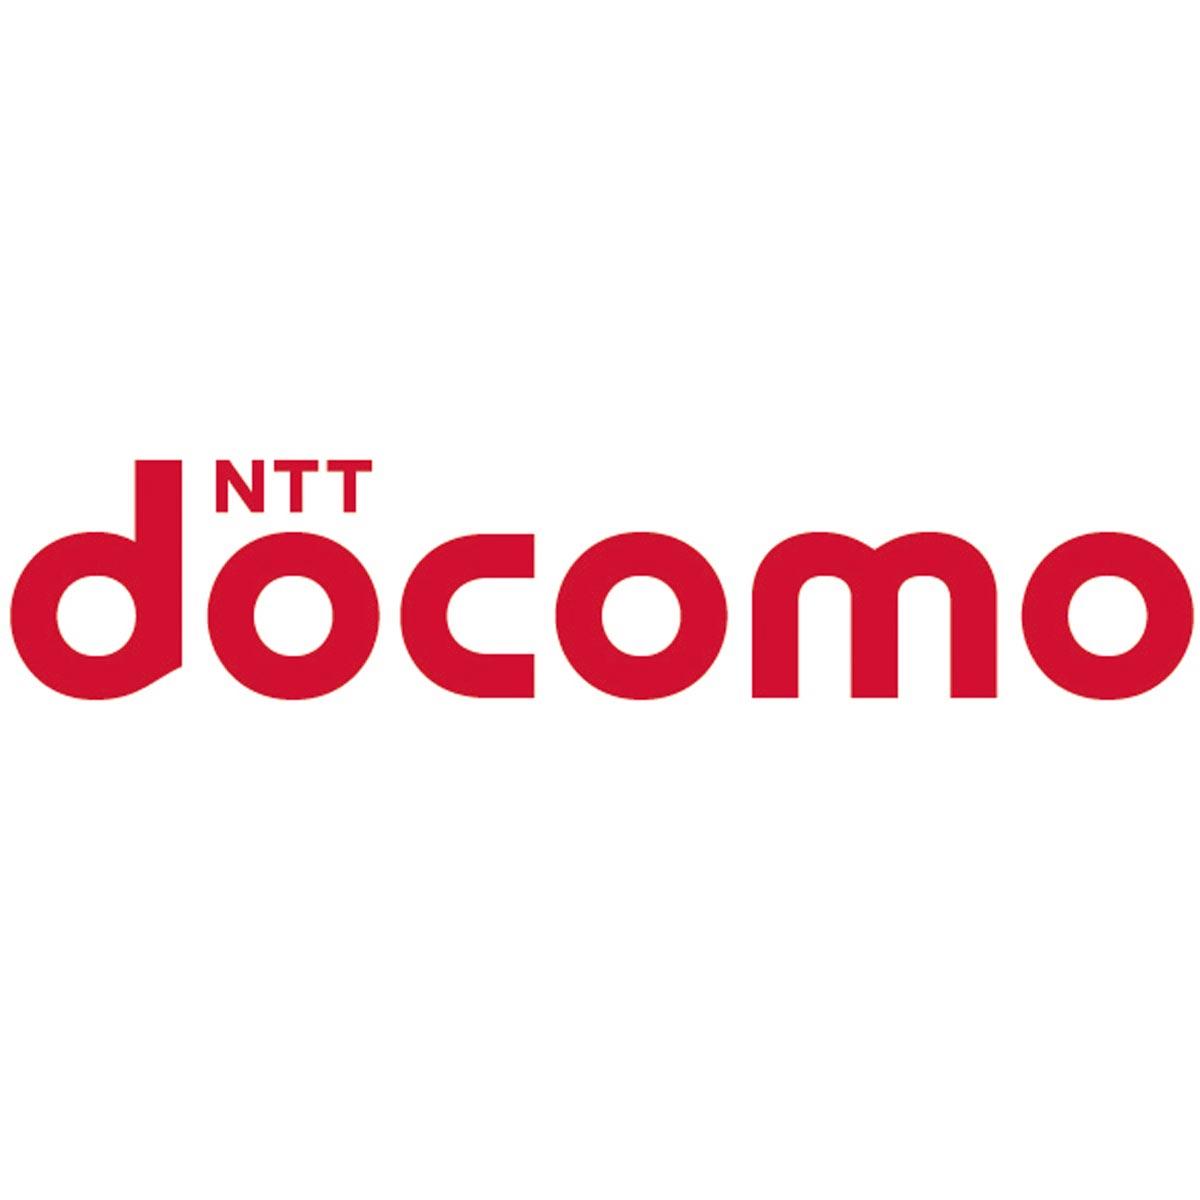 NTTドコモが、3月より解約金不用期間を1か月前倒して延長、合計3か月に